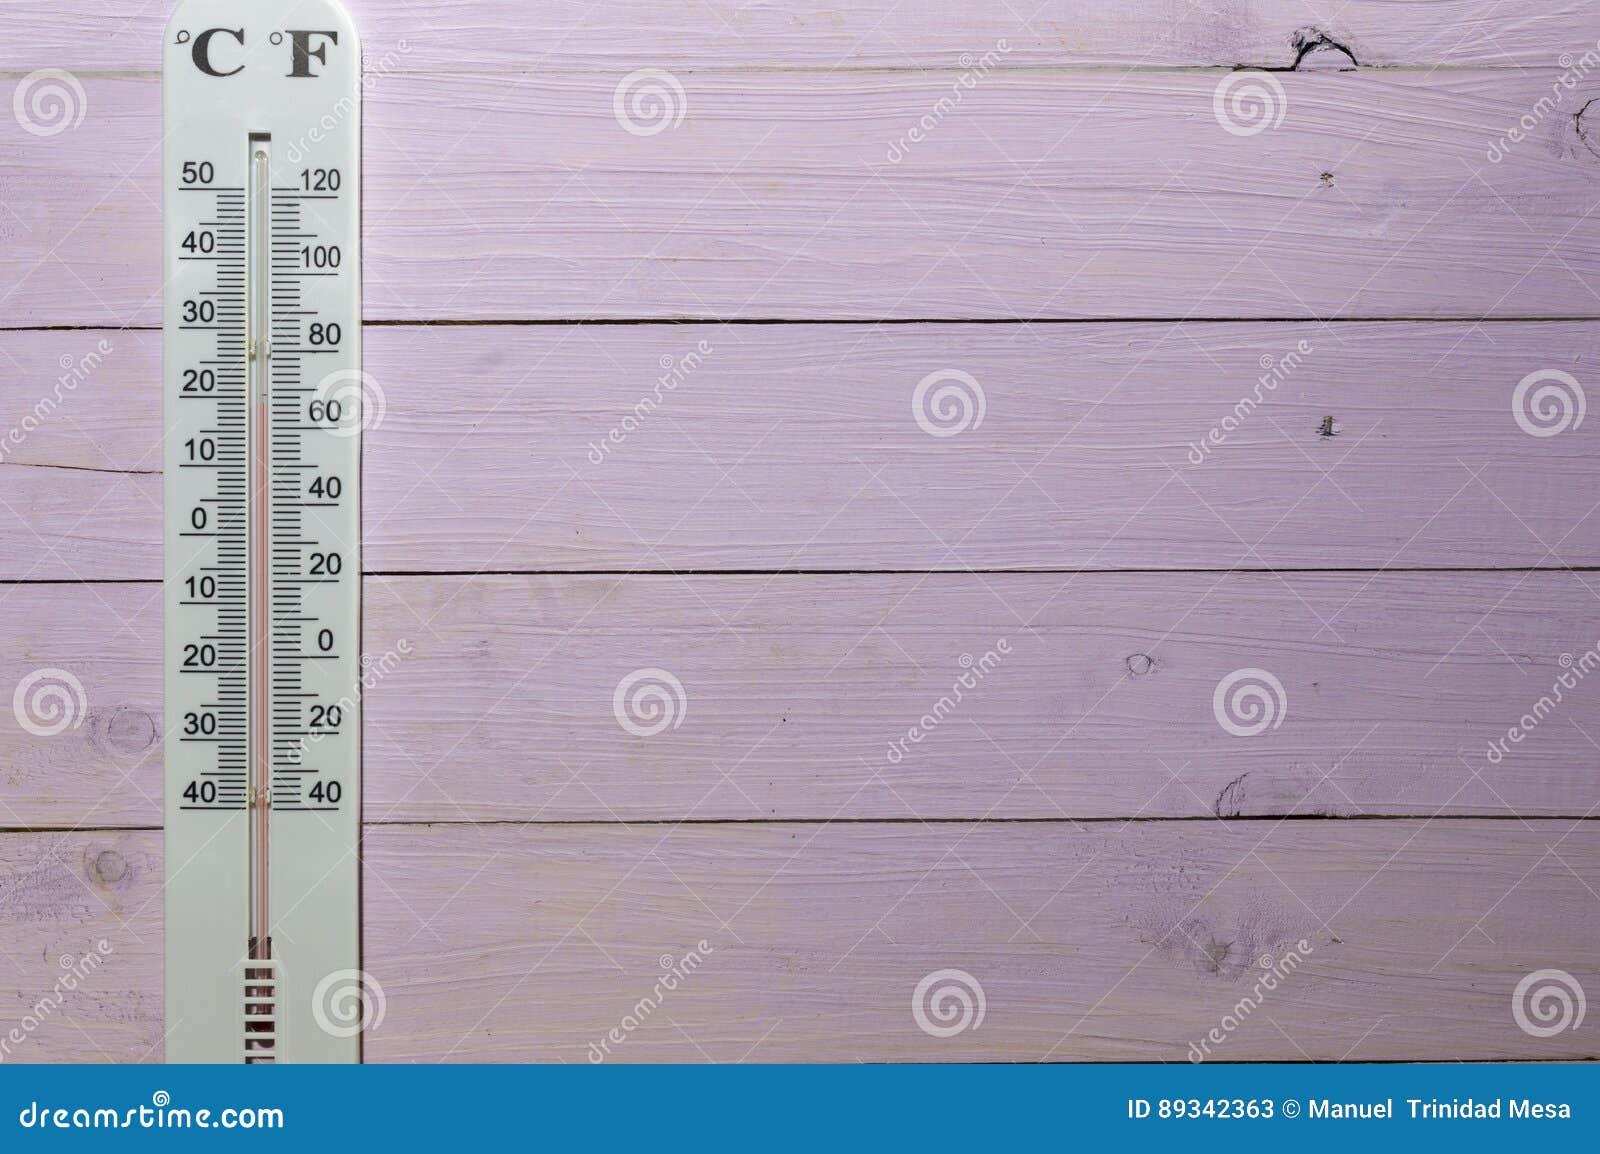 Termometro Imagen Horizontal Imagen De Archivo Imagen De Imagen Termometro 89342363 Se acopla fácilmente por la parte exterior del cristal del acuario. termometro imagen horizontal imagen de archivo imagen de imagen termometro 89342363